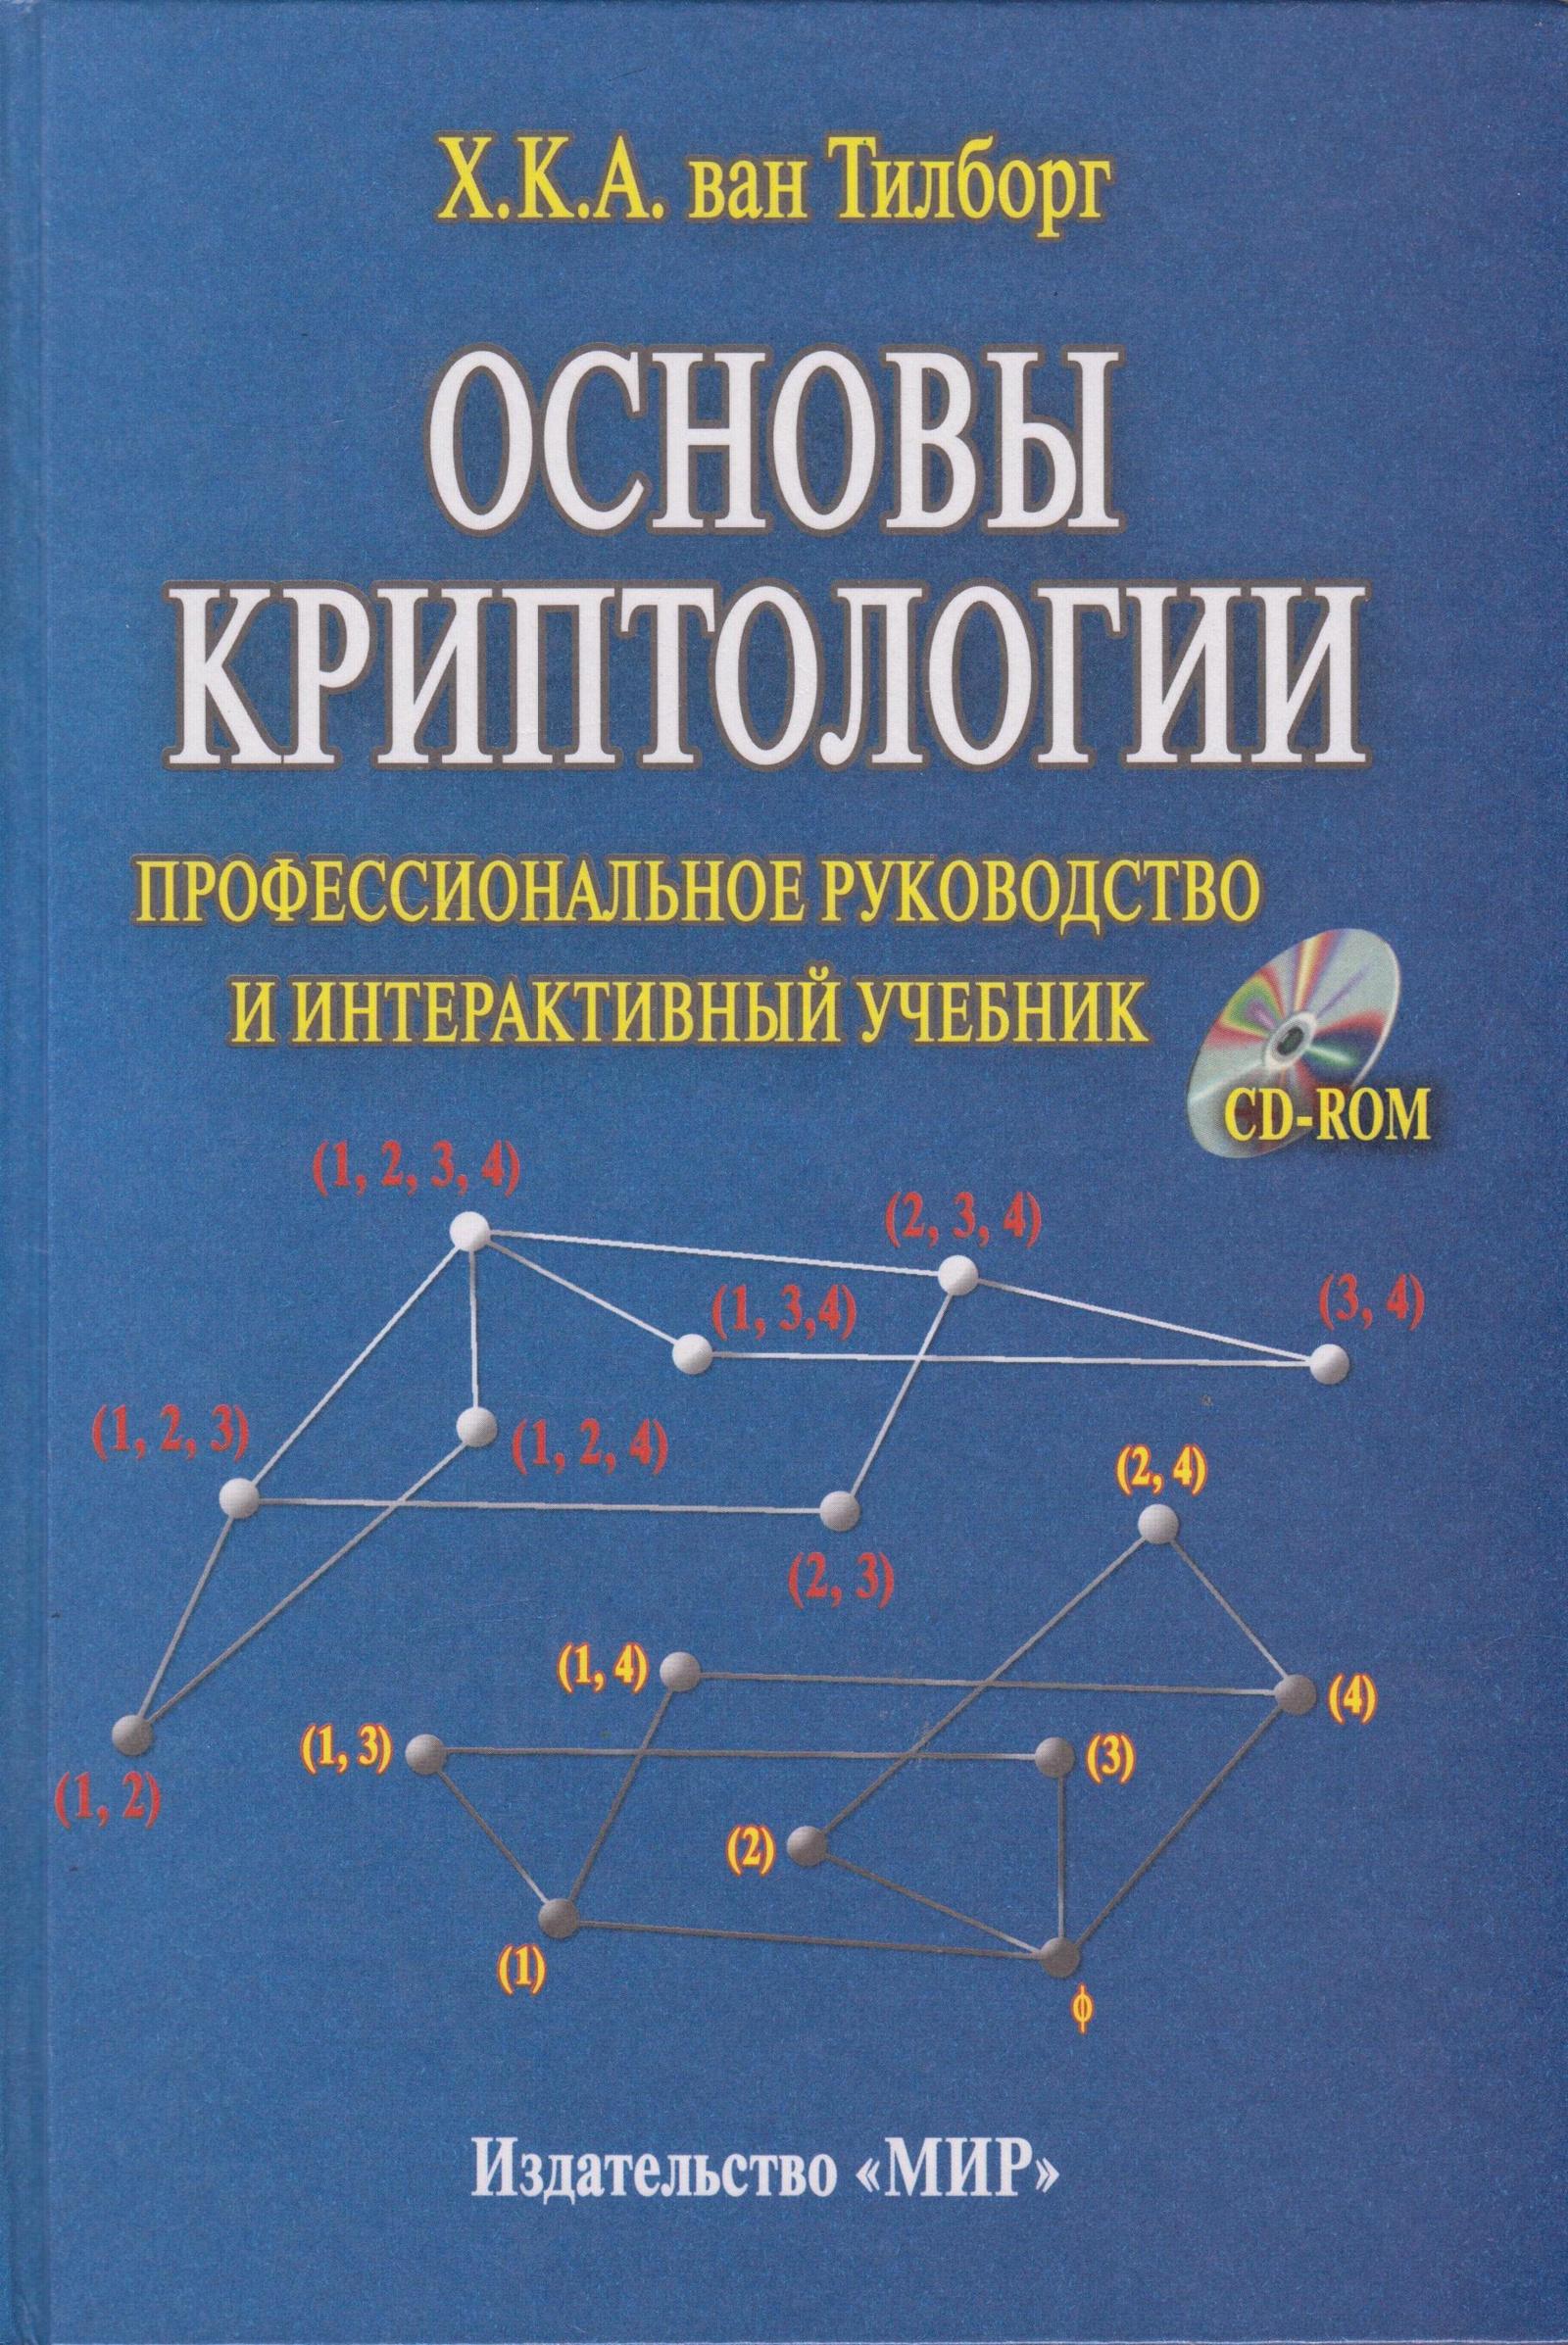 Основы криптологии.  Профессиональное руководство и интерактивный учебник (+ CD) Главной же особенностью служат многочисленные примеры созданные...